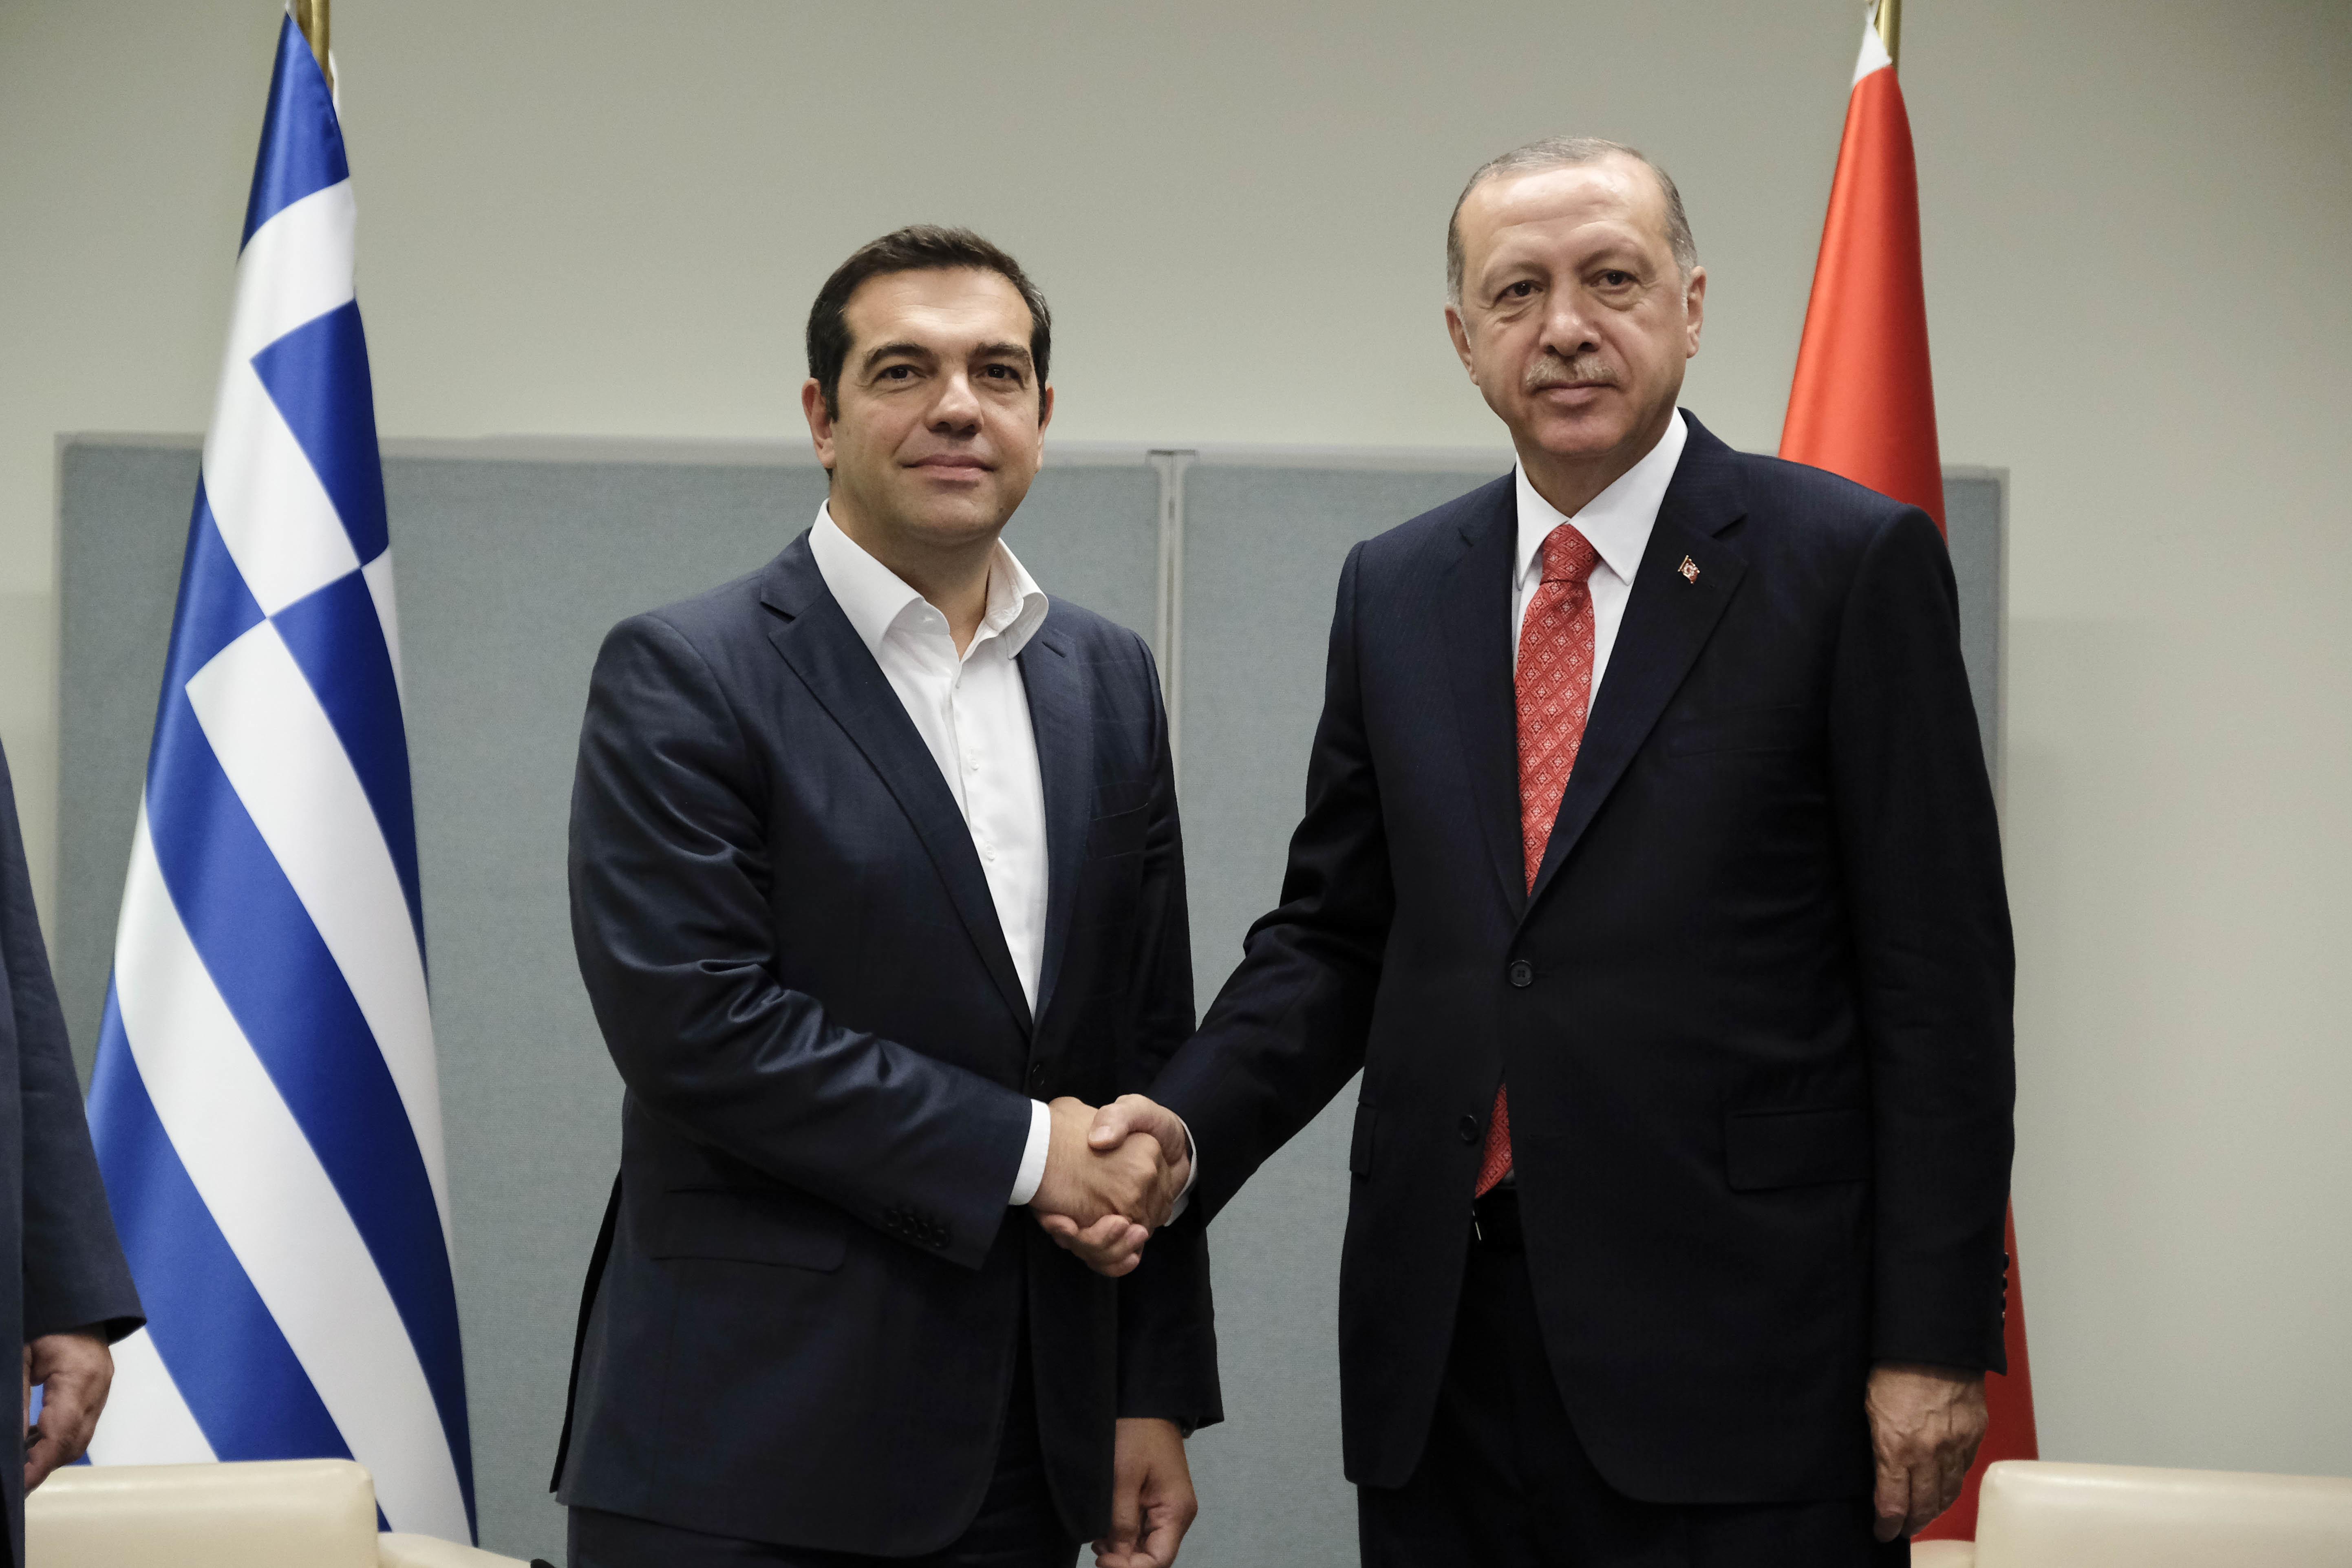 Επίσημη πρόσκληση Ερντογάν στον Τσίπρα για επίσκεψη στην Κωνσταντινούπολη. Τι συζήτησαν